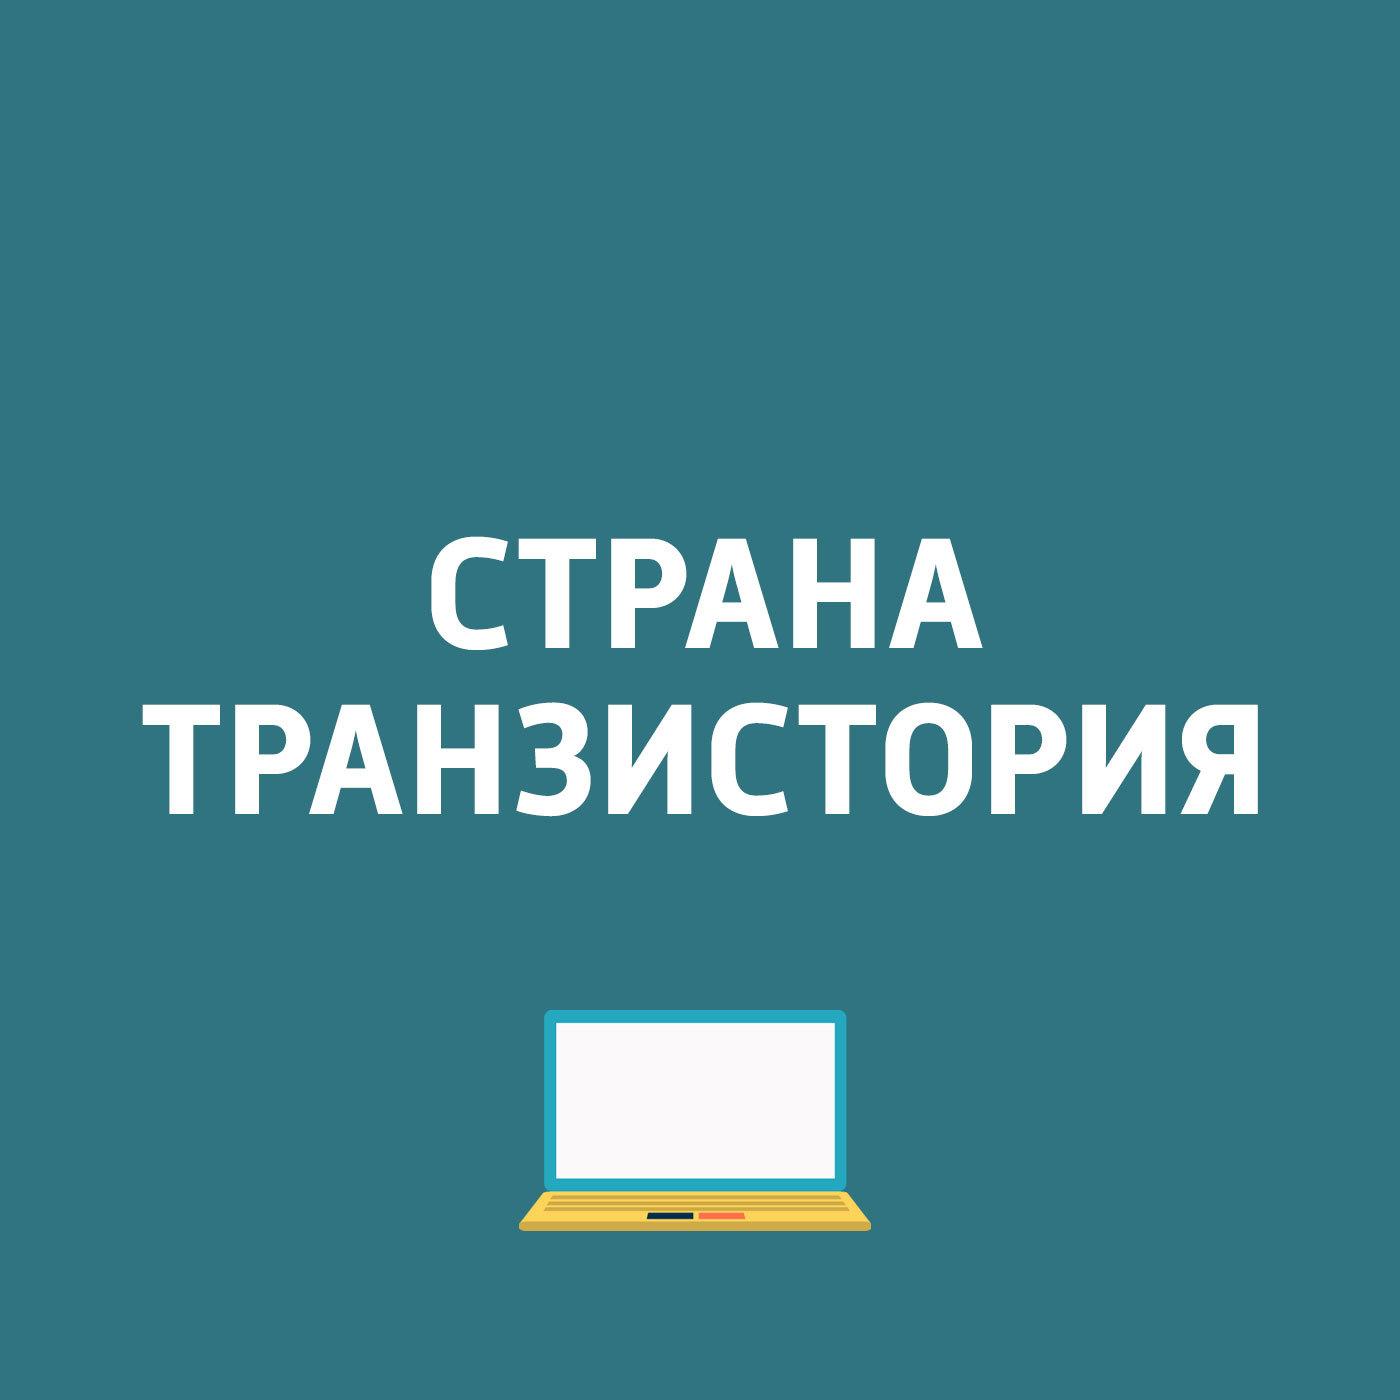 Картаев Павел Итоги Mobile World Congress 2016 картаев павел ноутбук xiaomi оффлайн режим в facebook